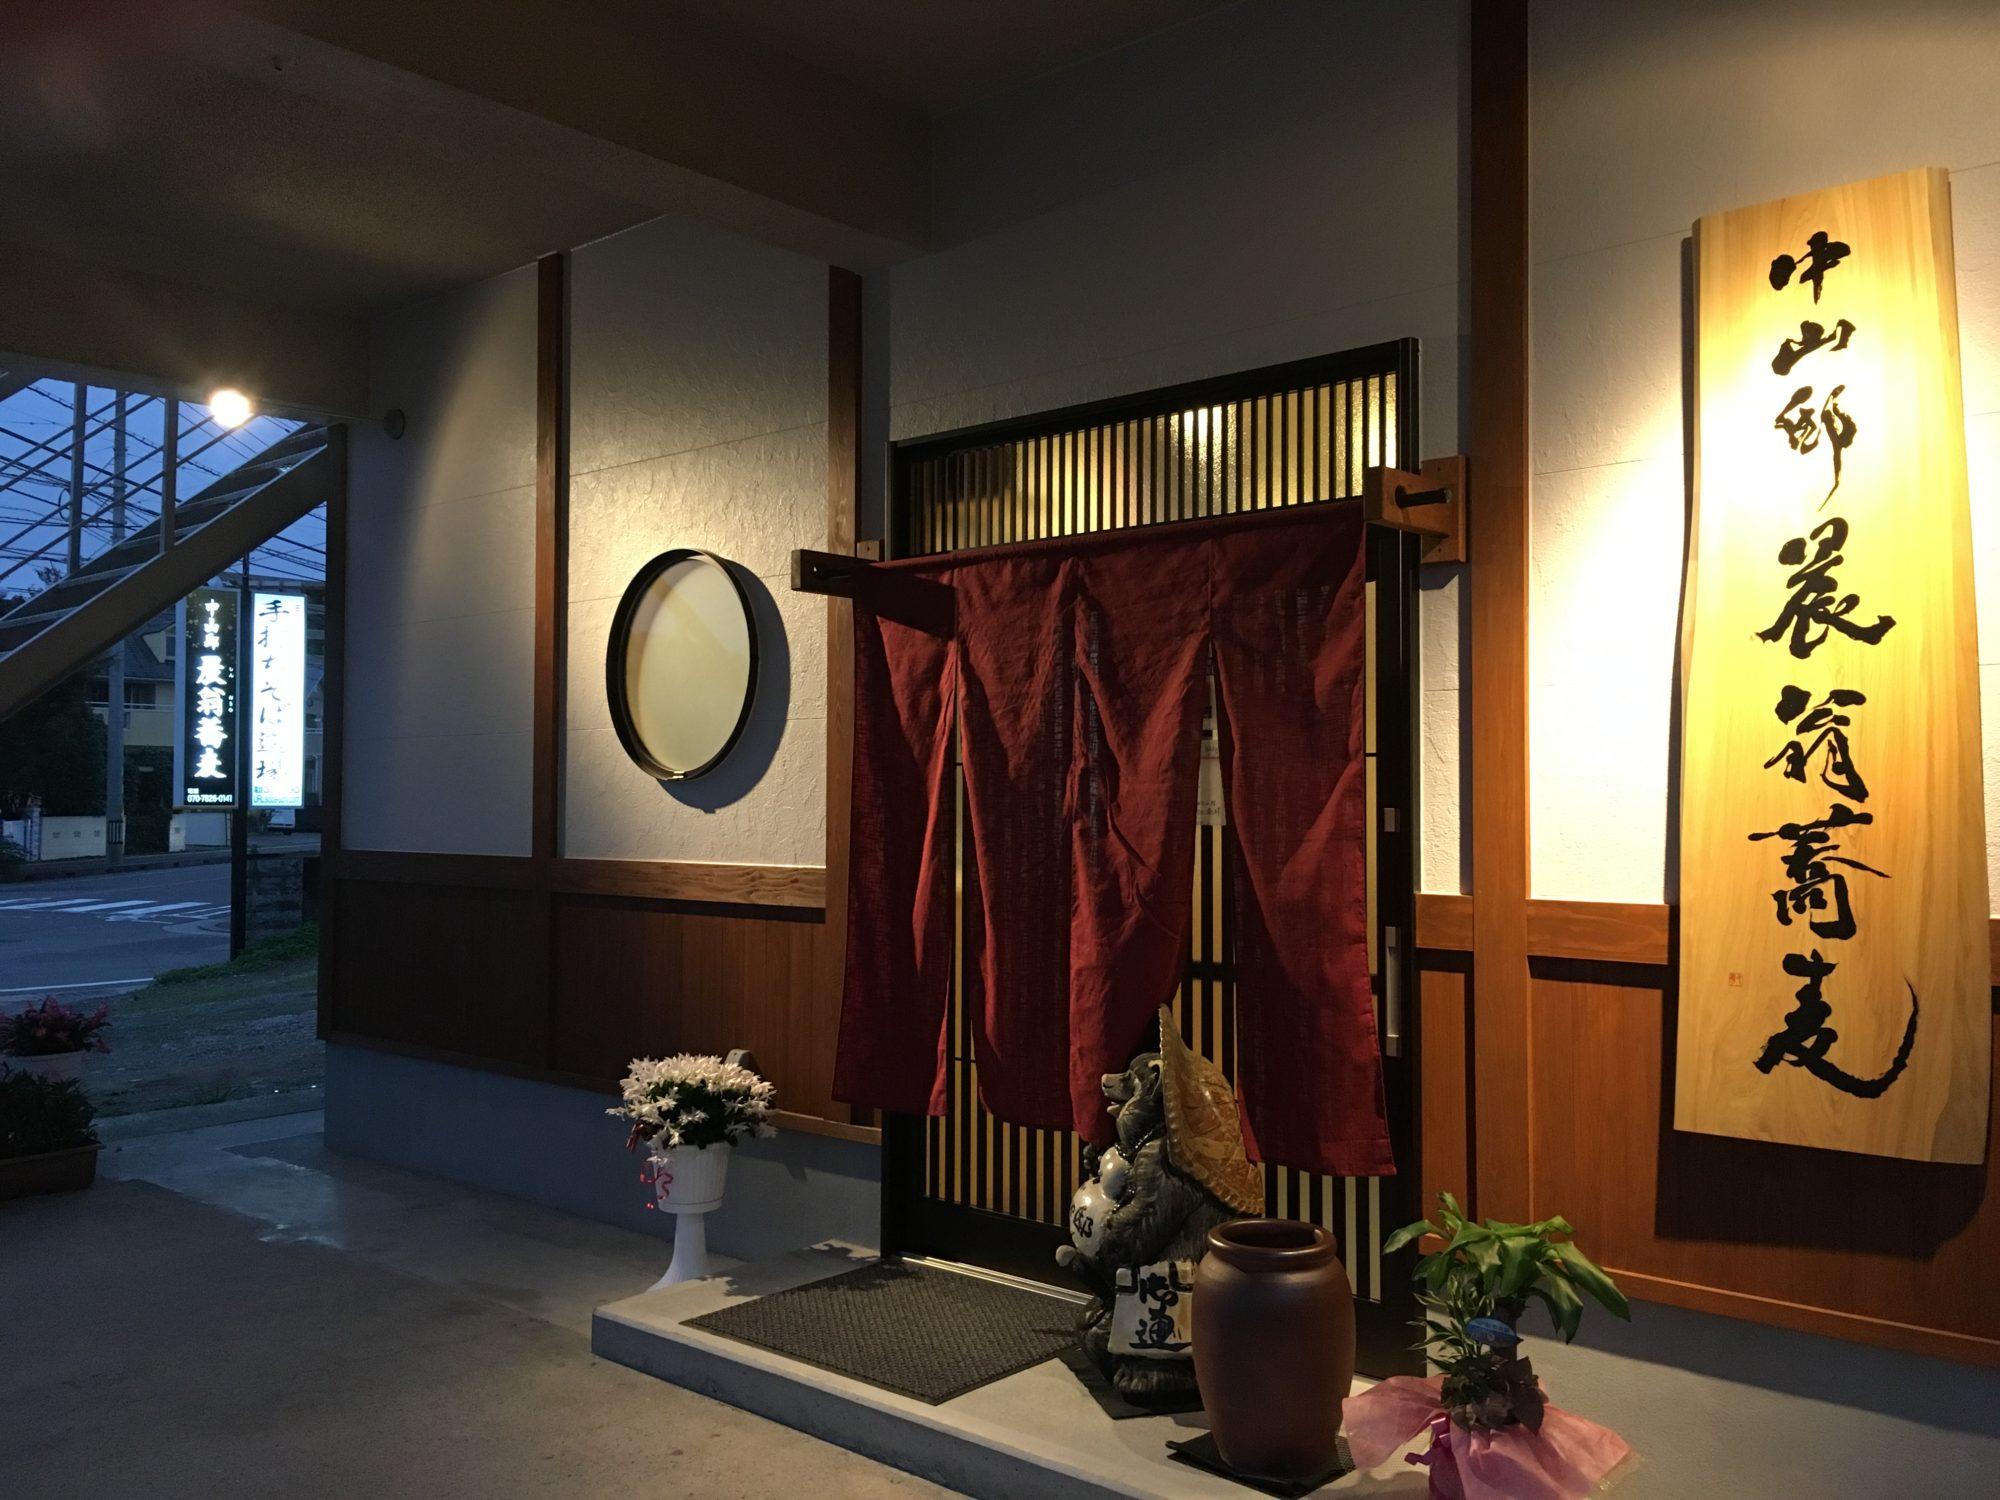 手打ち蕎麦屋:中山邸 晨翁蕎麦 & ブログ